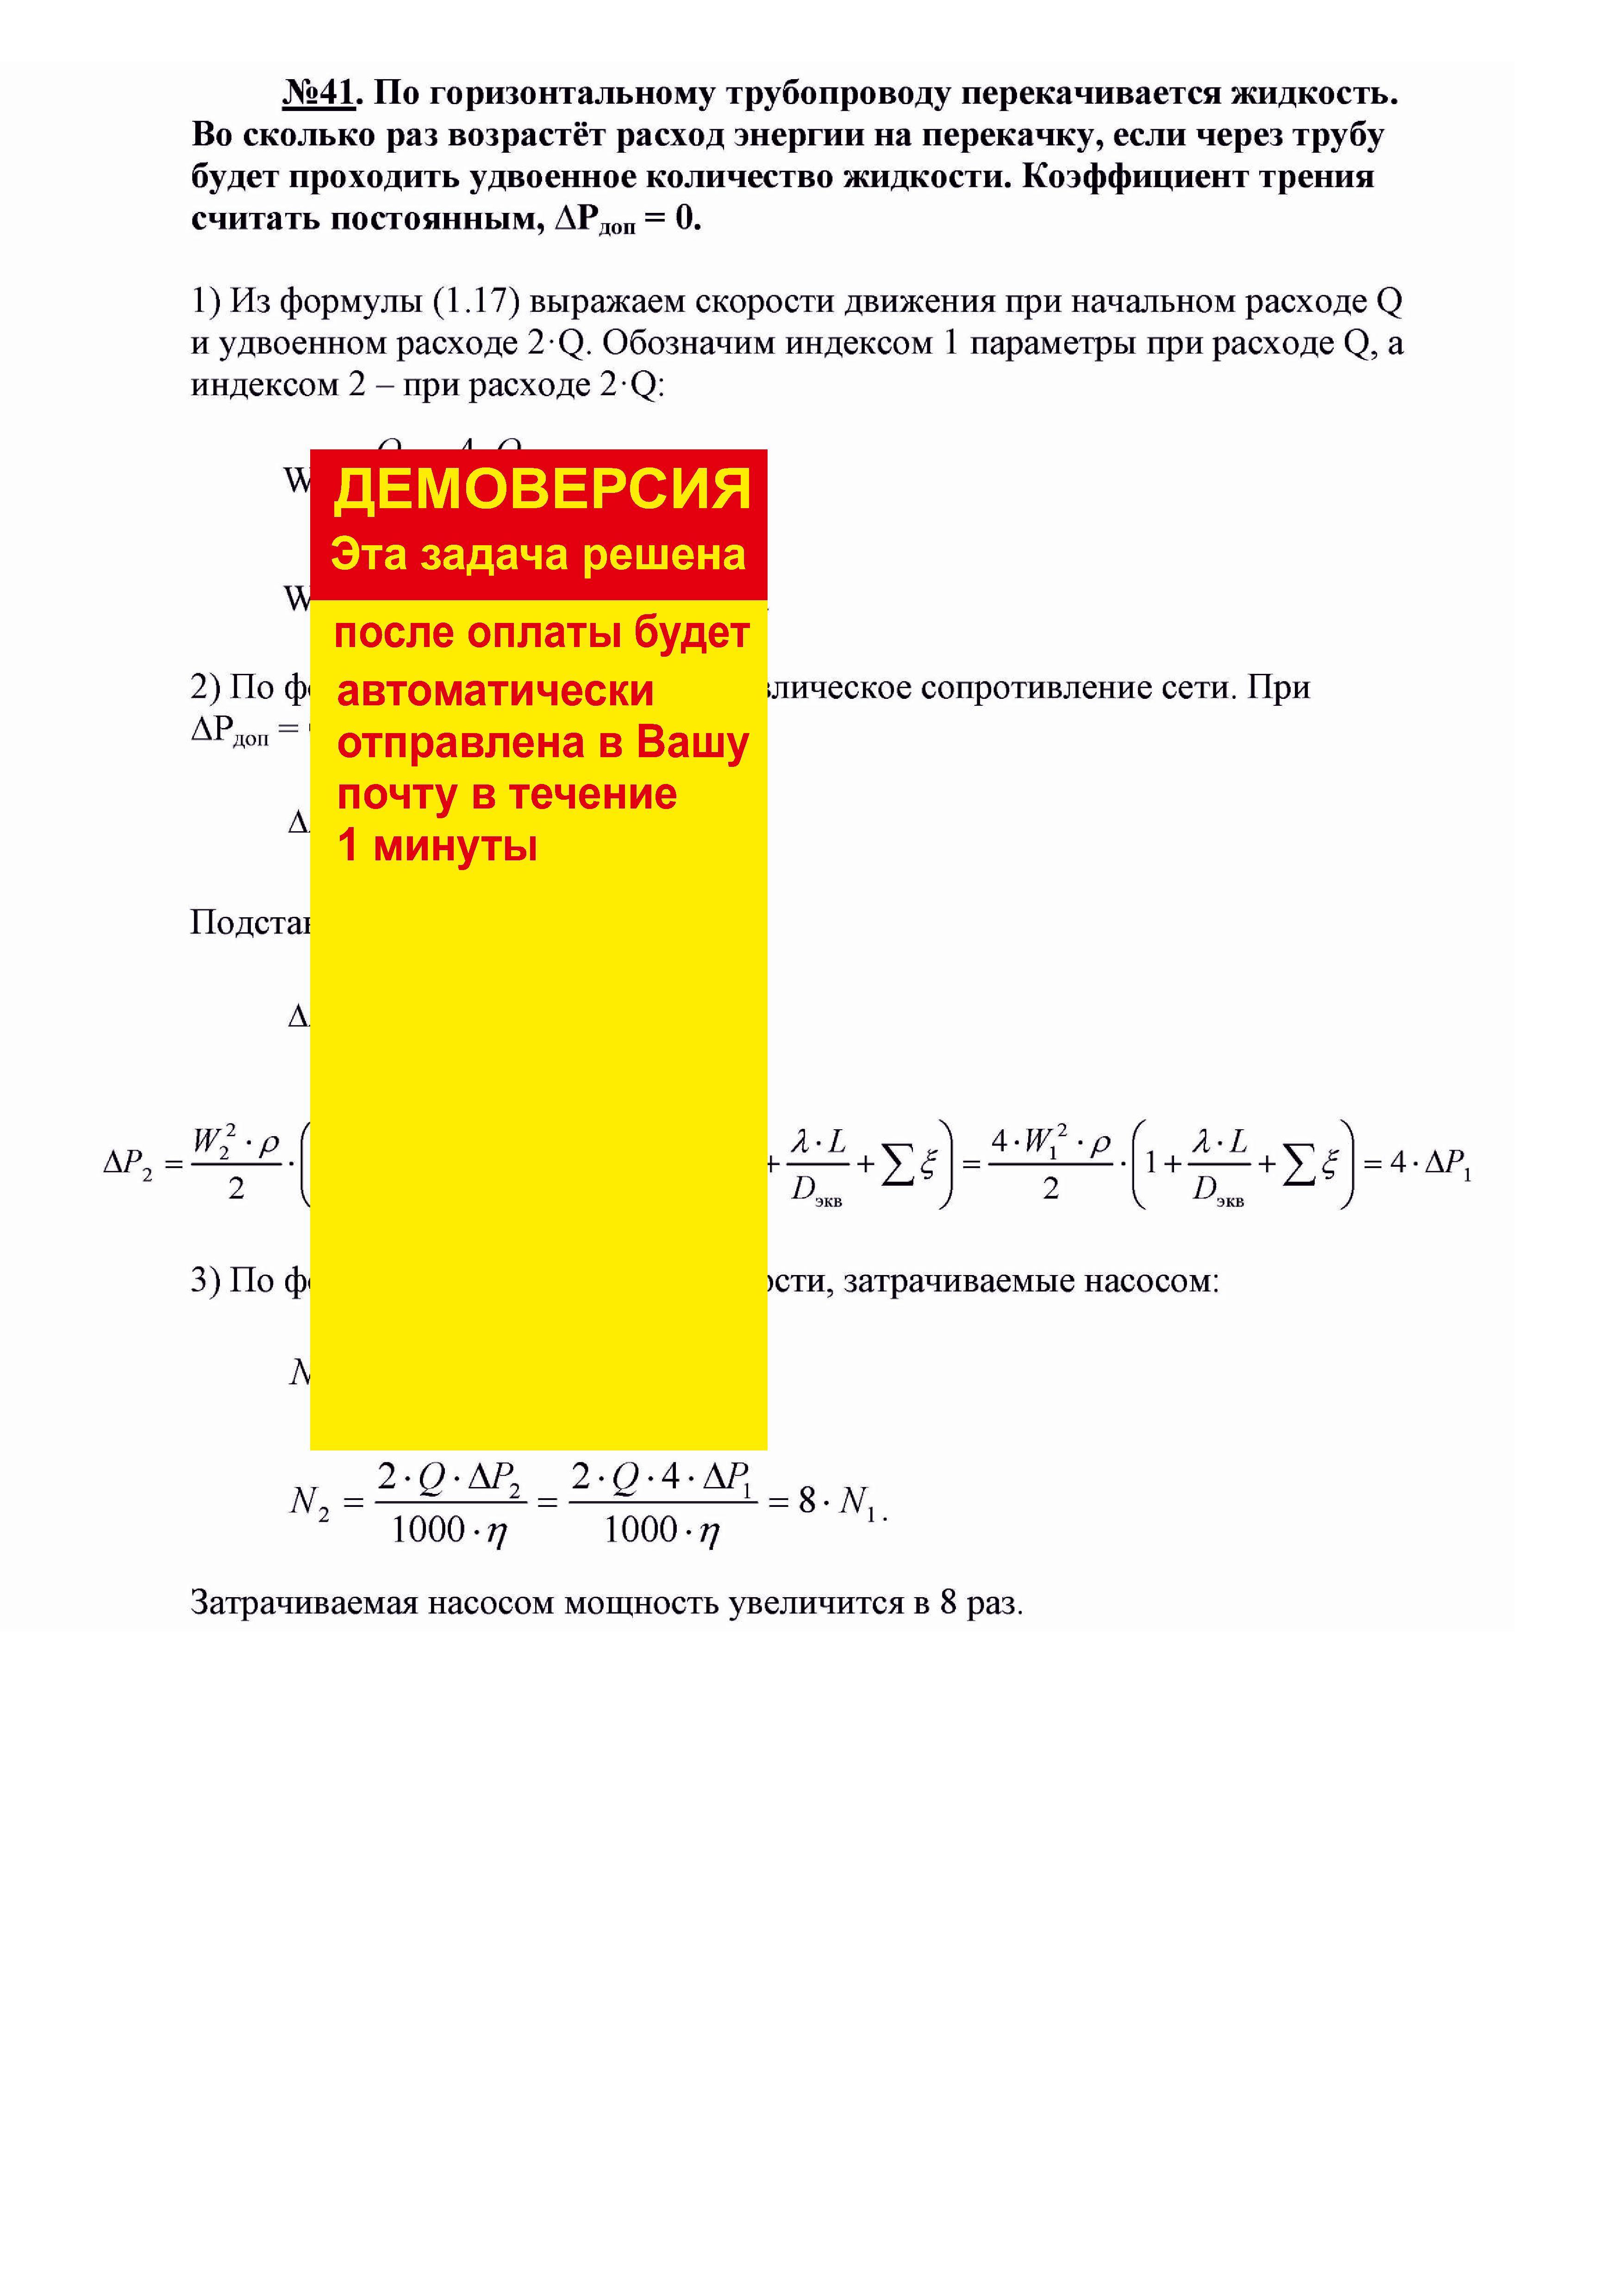 Решение задачи 1.41 по ПАХТ из задачника Павлова Романкова Носкова